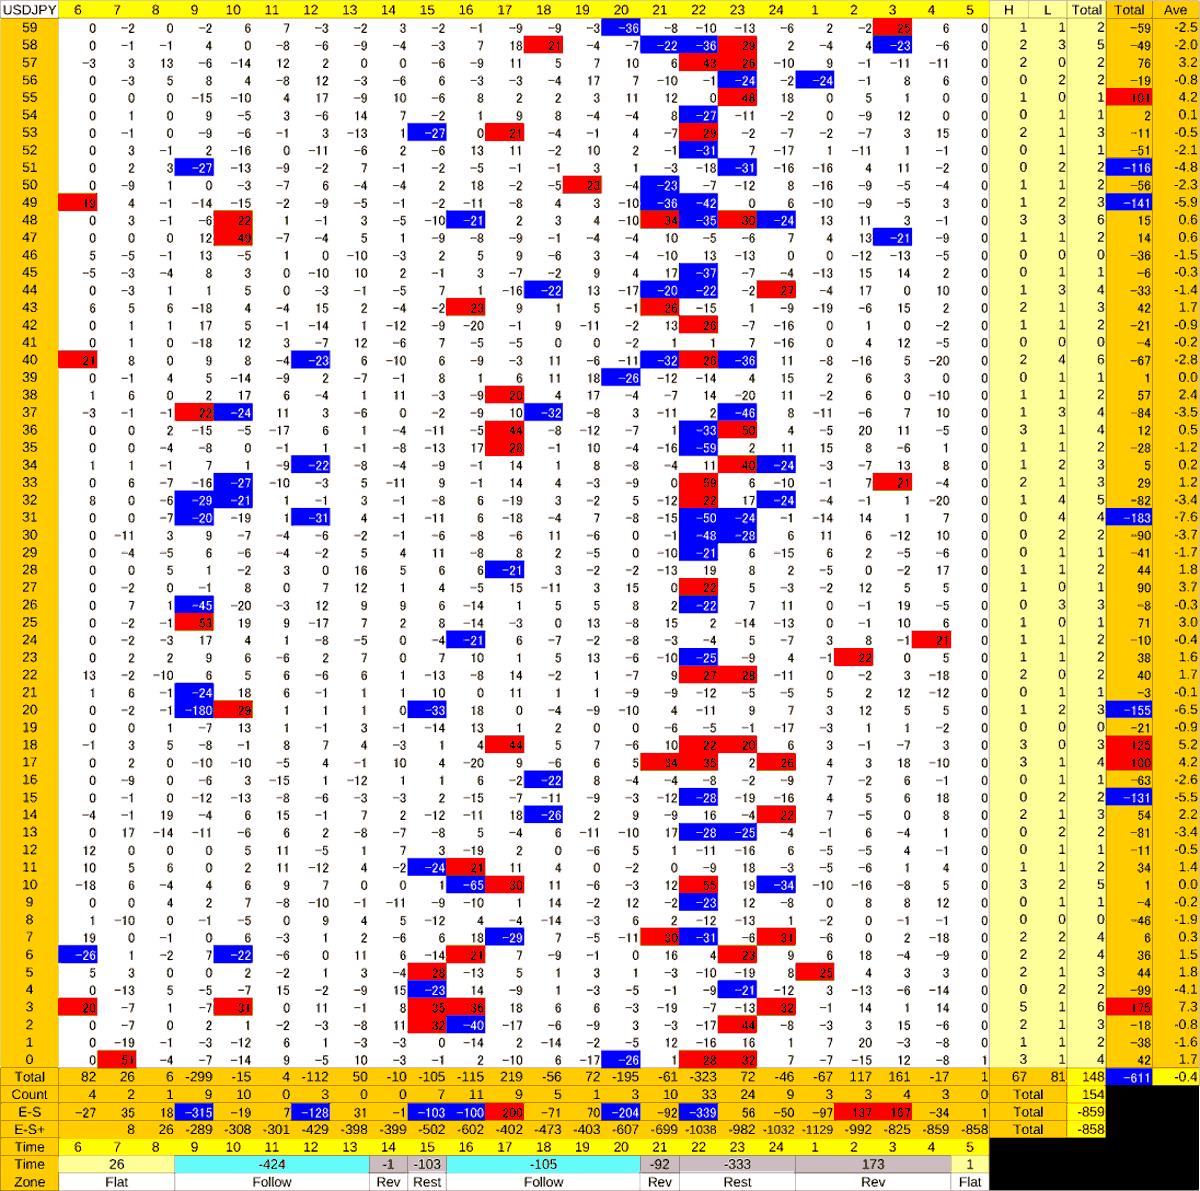 20200724_HS(1)USDJPY